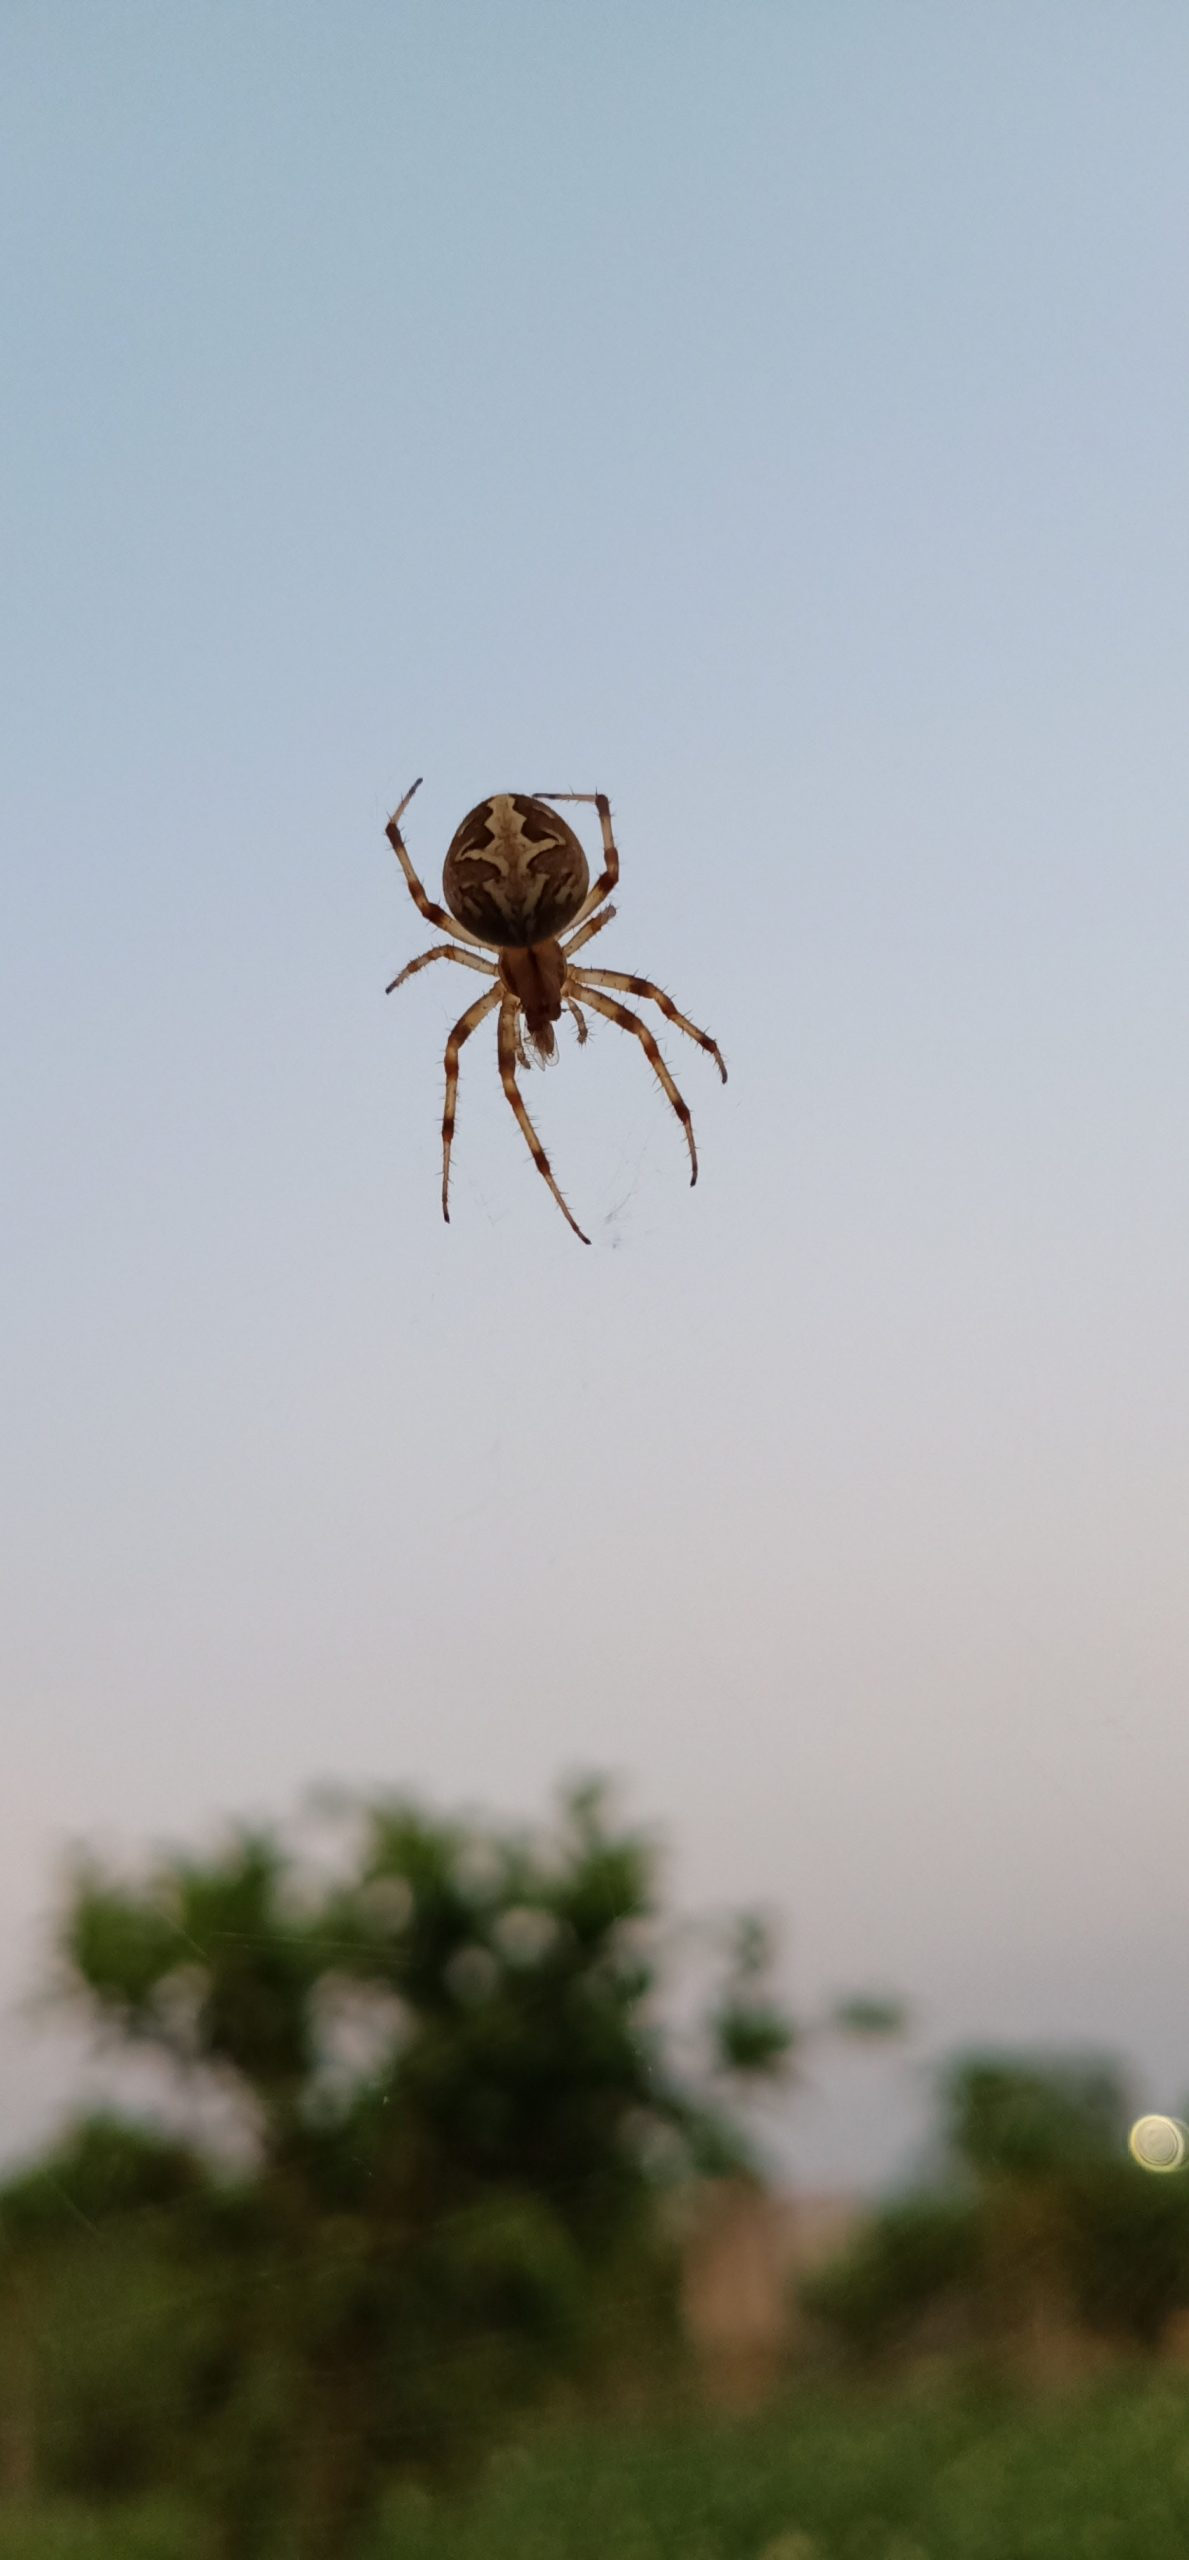 Giải mã giấc mơ về nhện